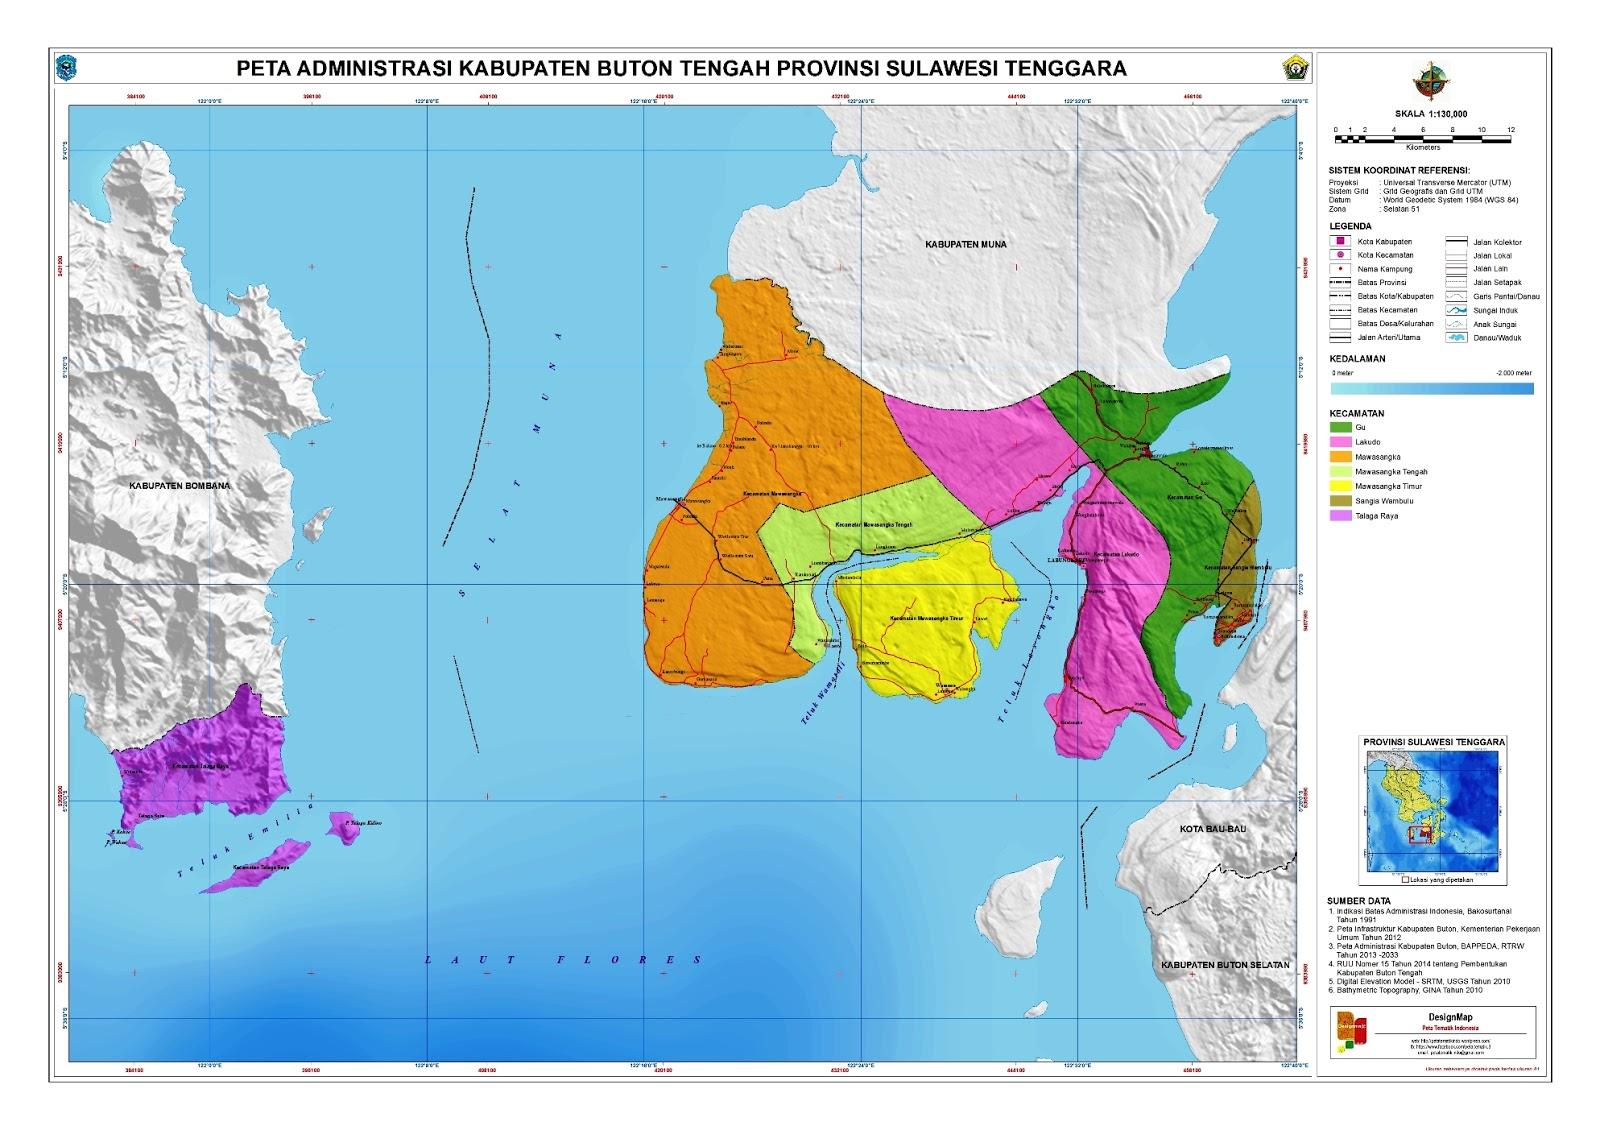 Peta Kabupaten Buton Tengah